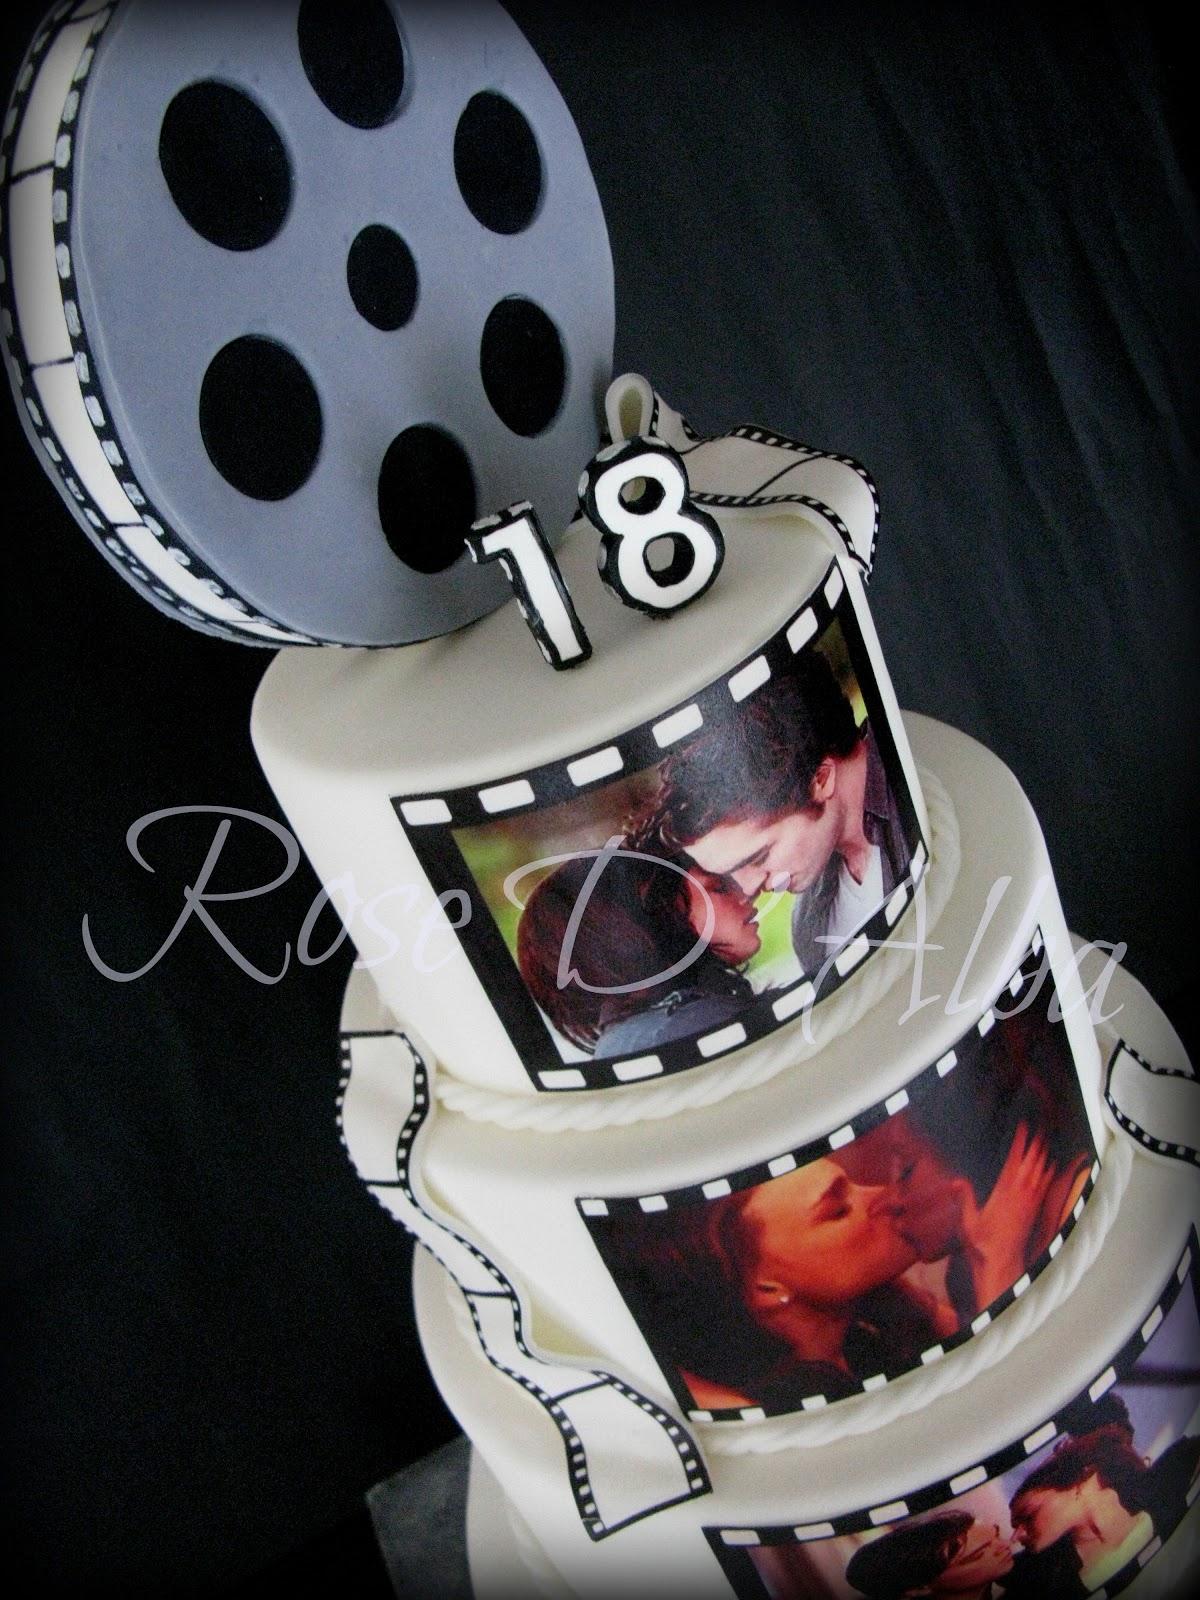 Rose d 39 alba cake designer aprile 2013 for Vecchi piani colonica con foto